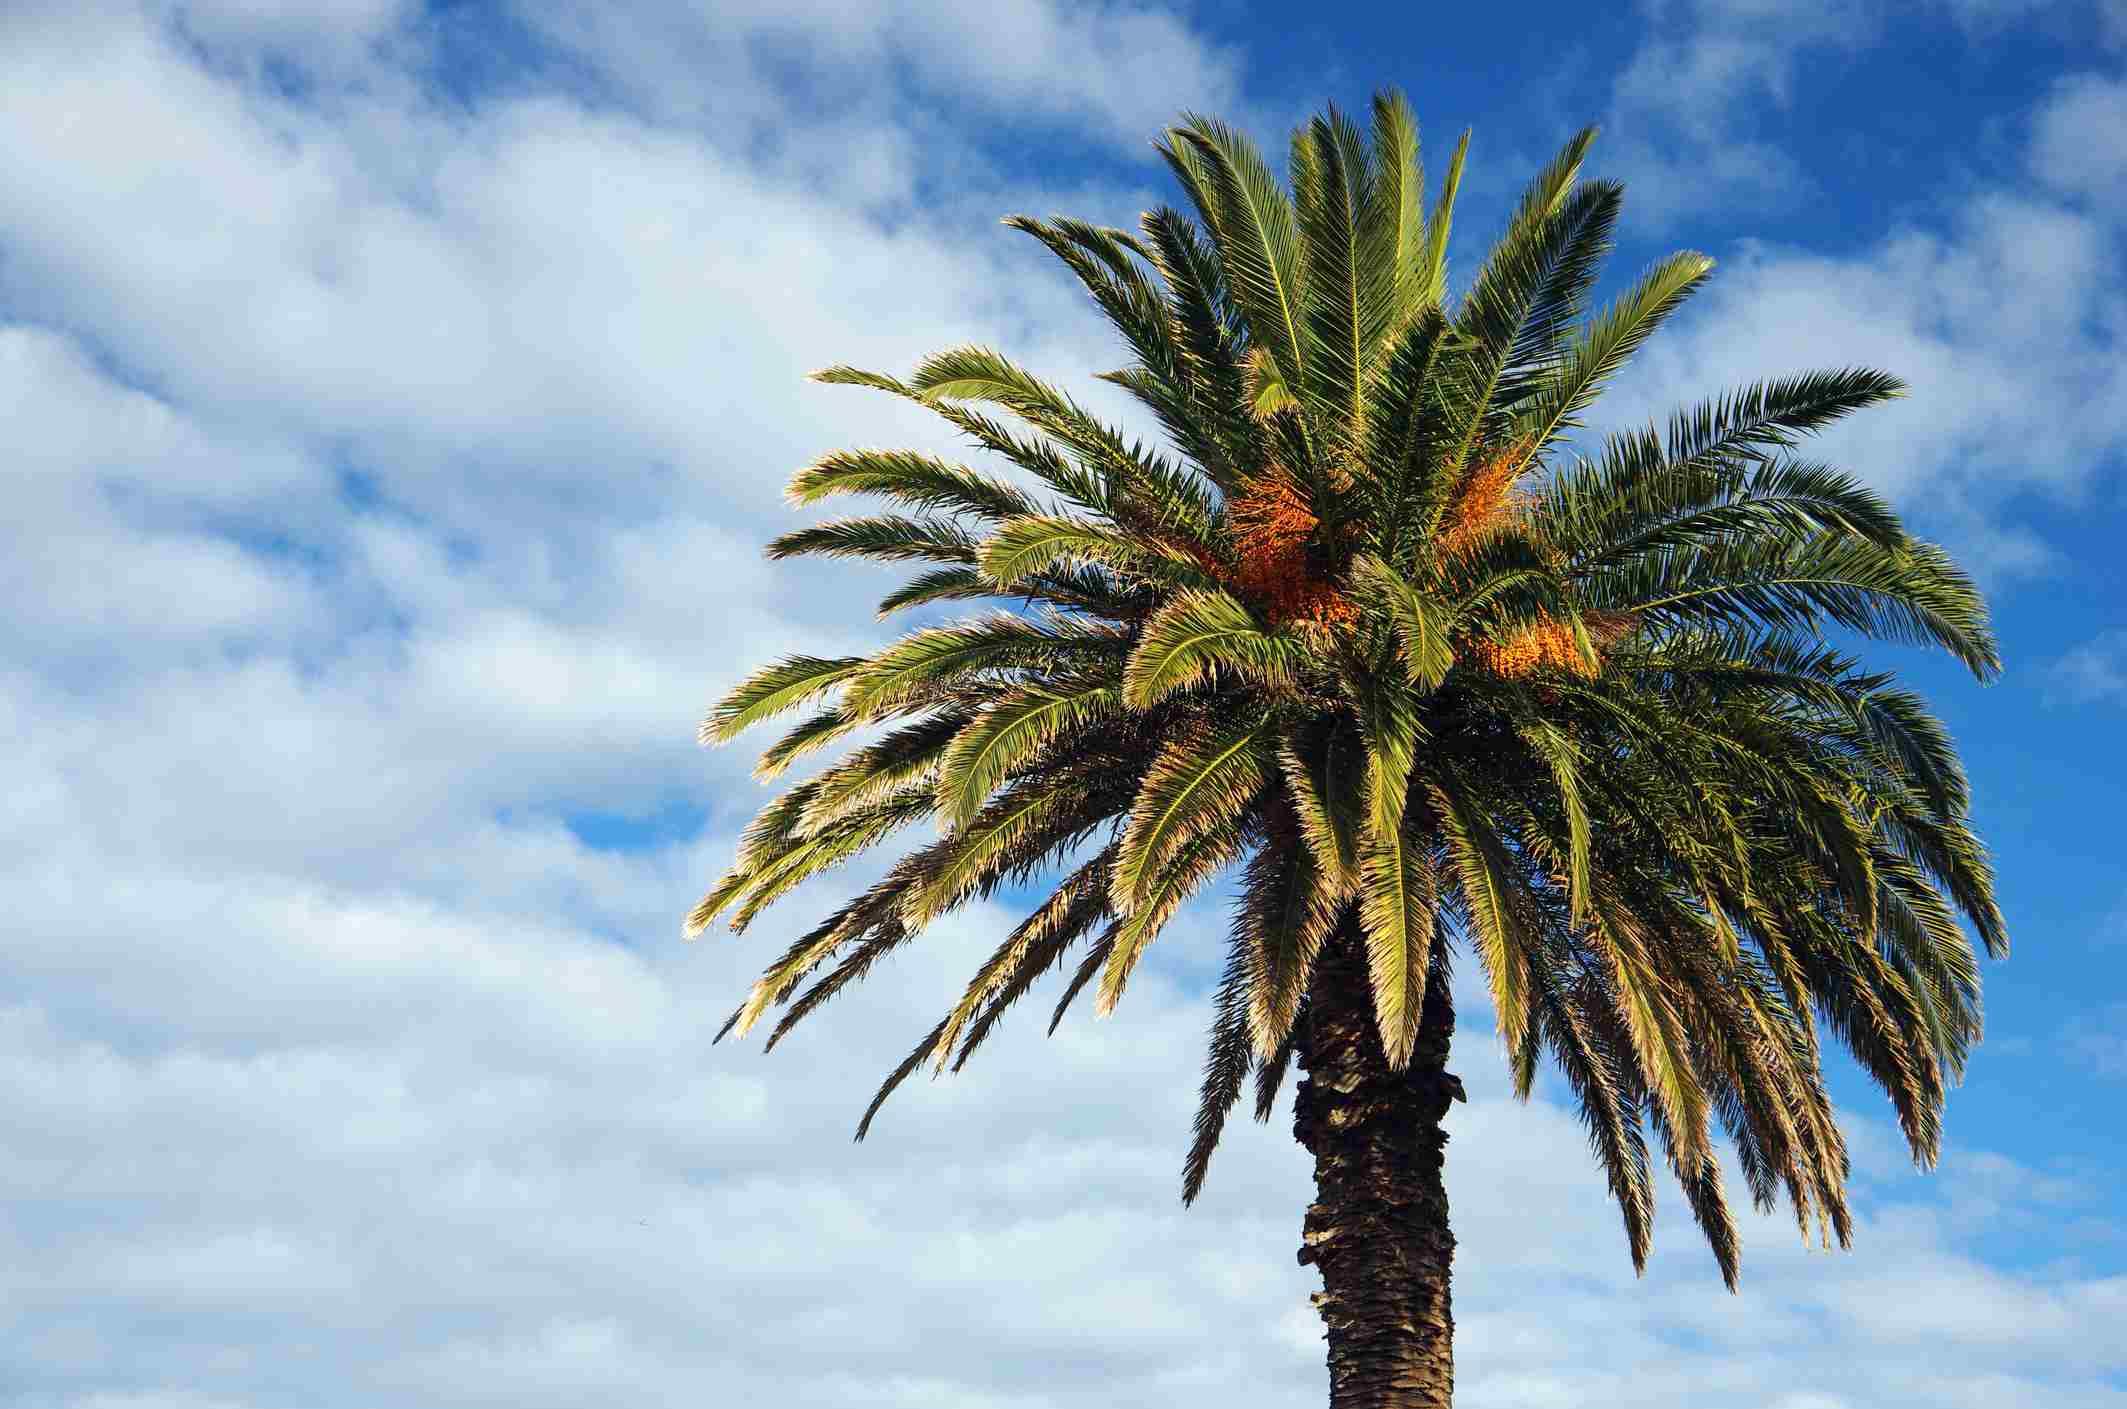 palmera datilera canaria